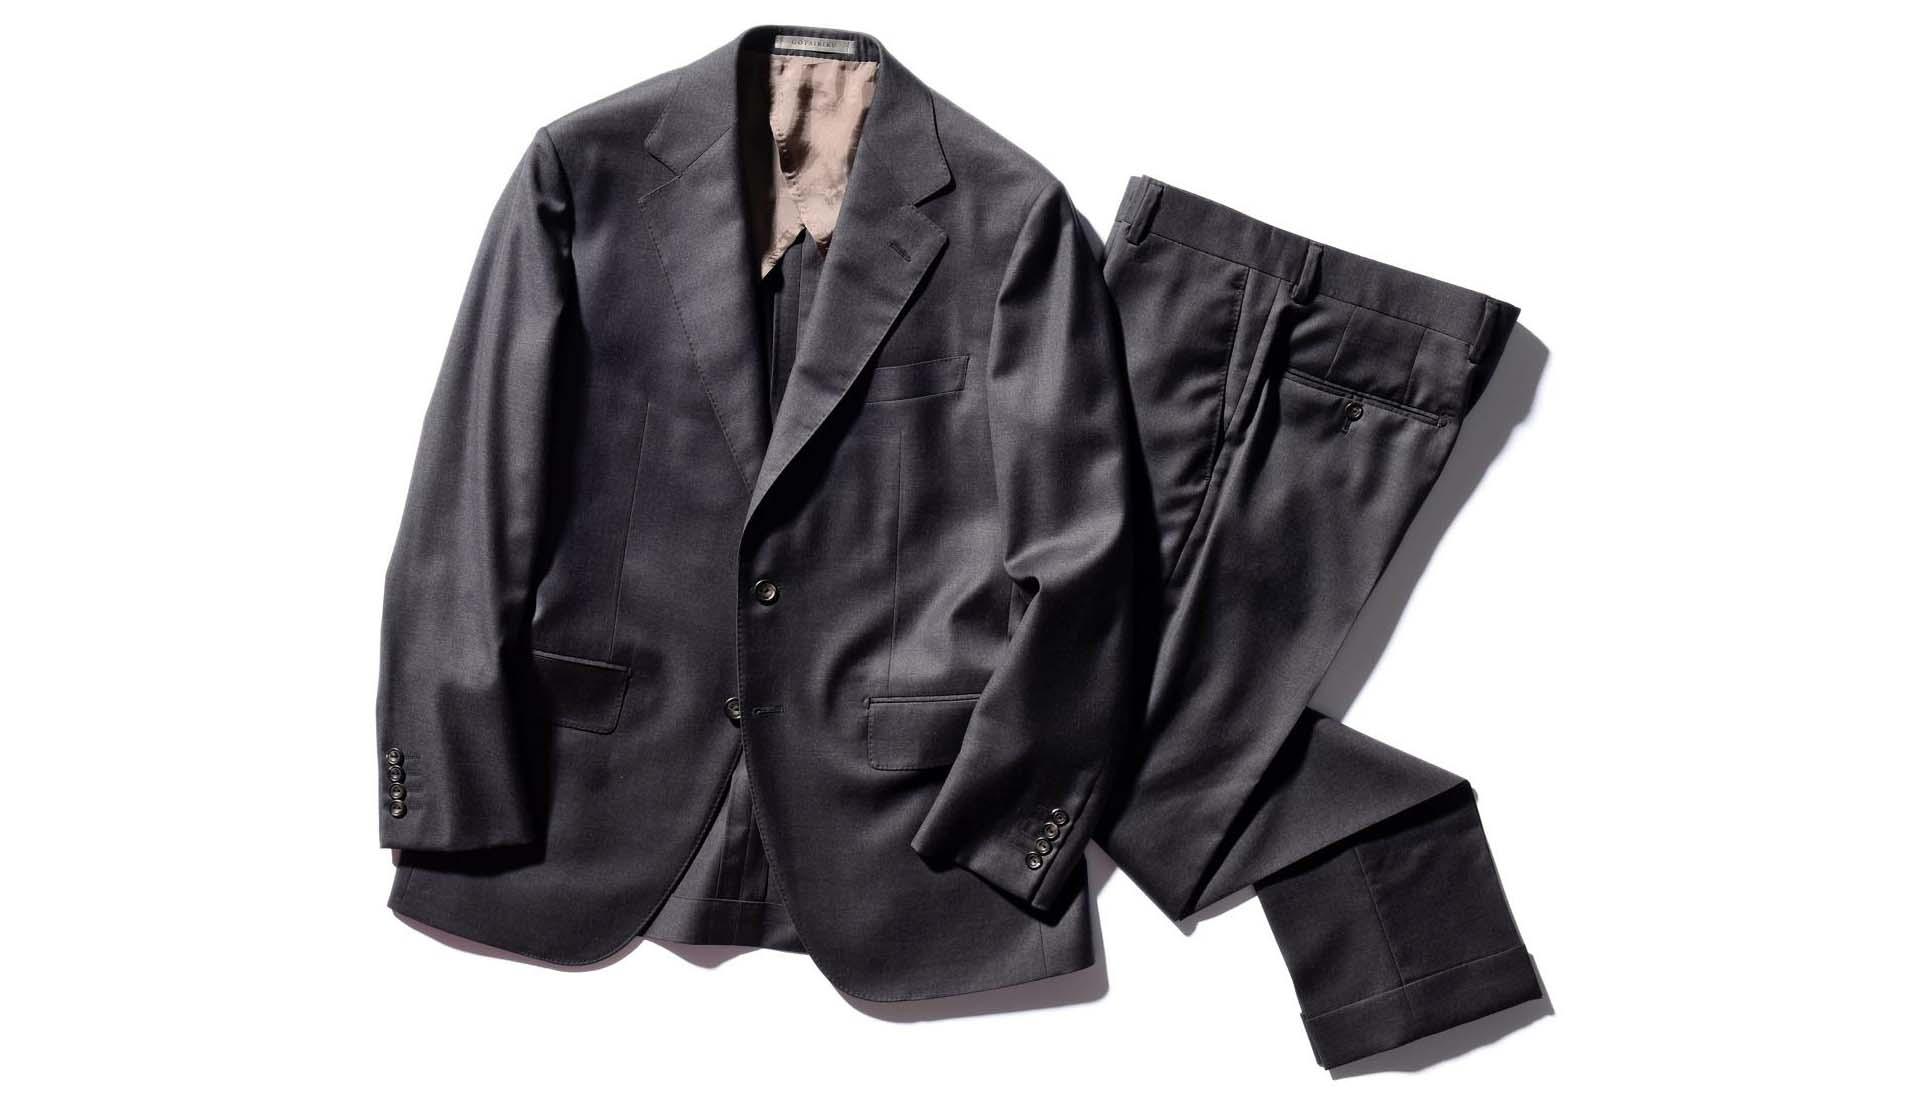 GOTAIRIKUのスーツ